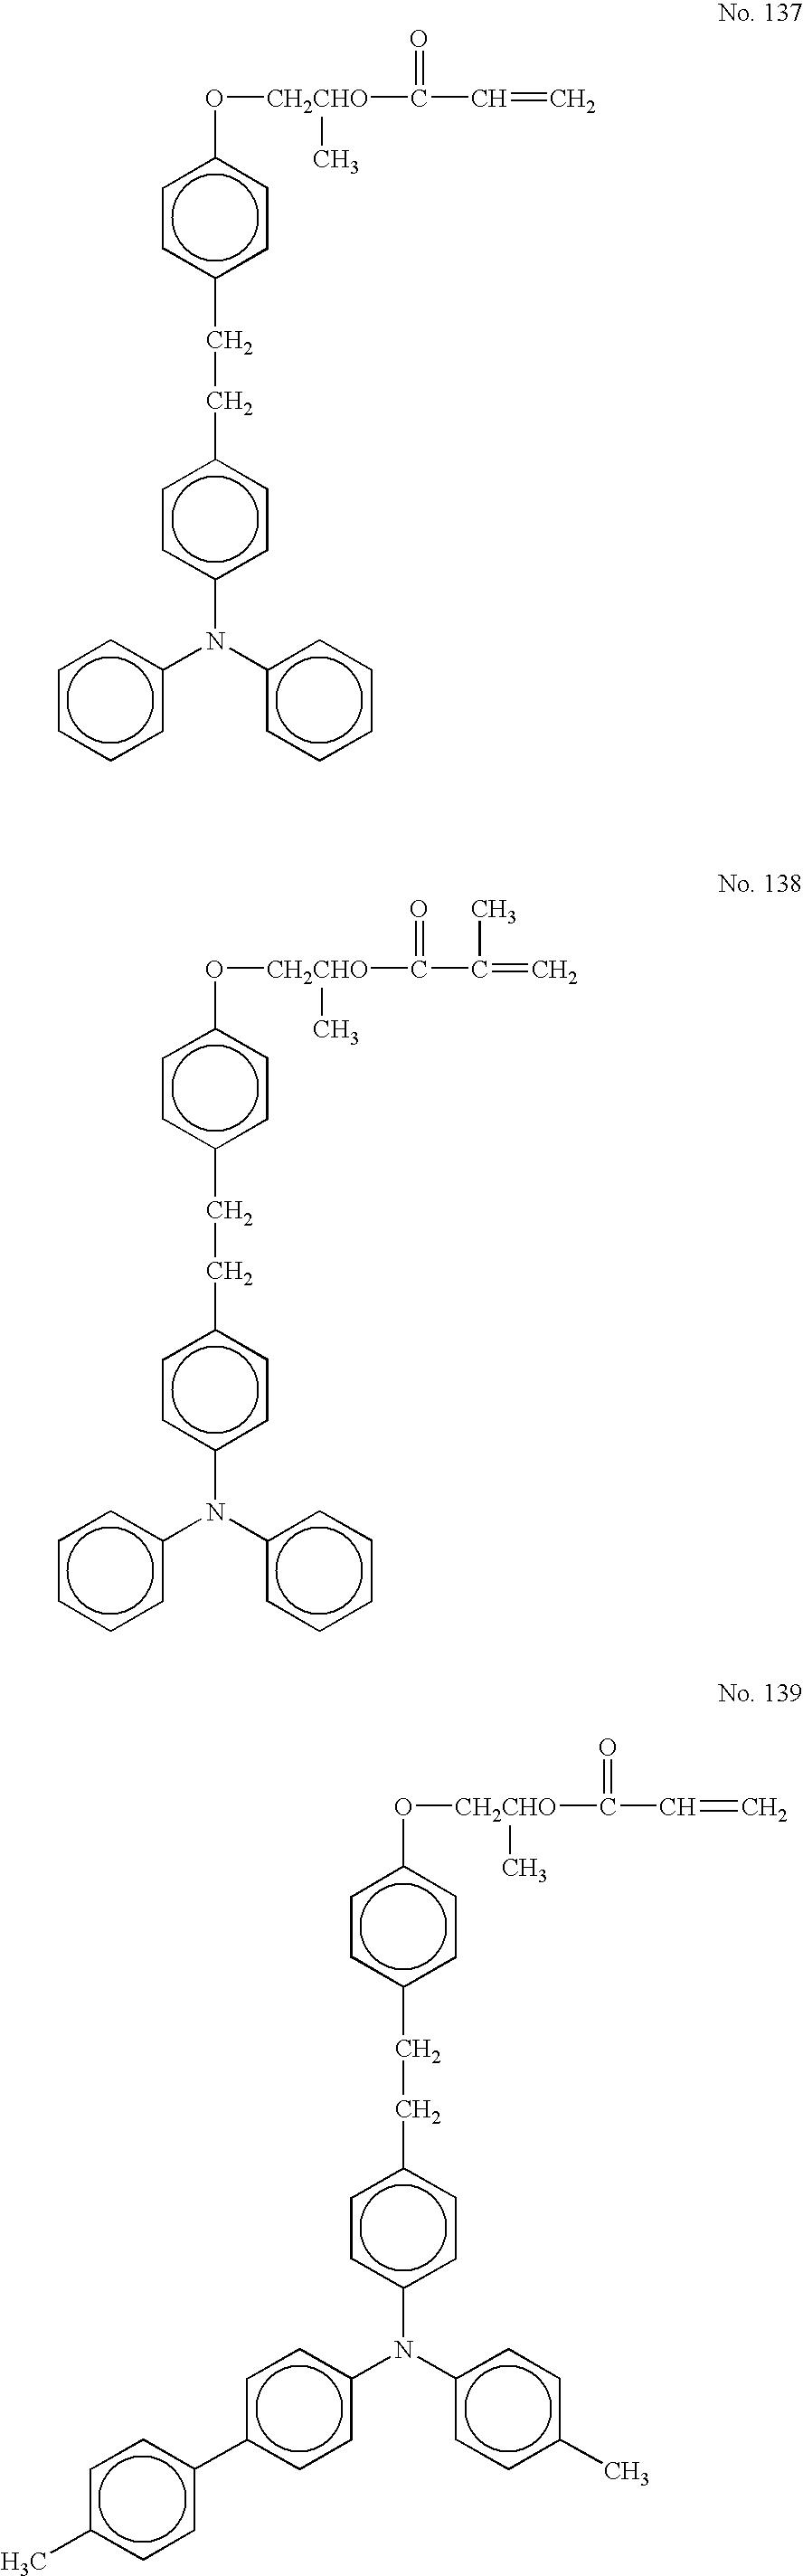 Figure US20040253527A1-20041216-C00060